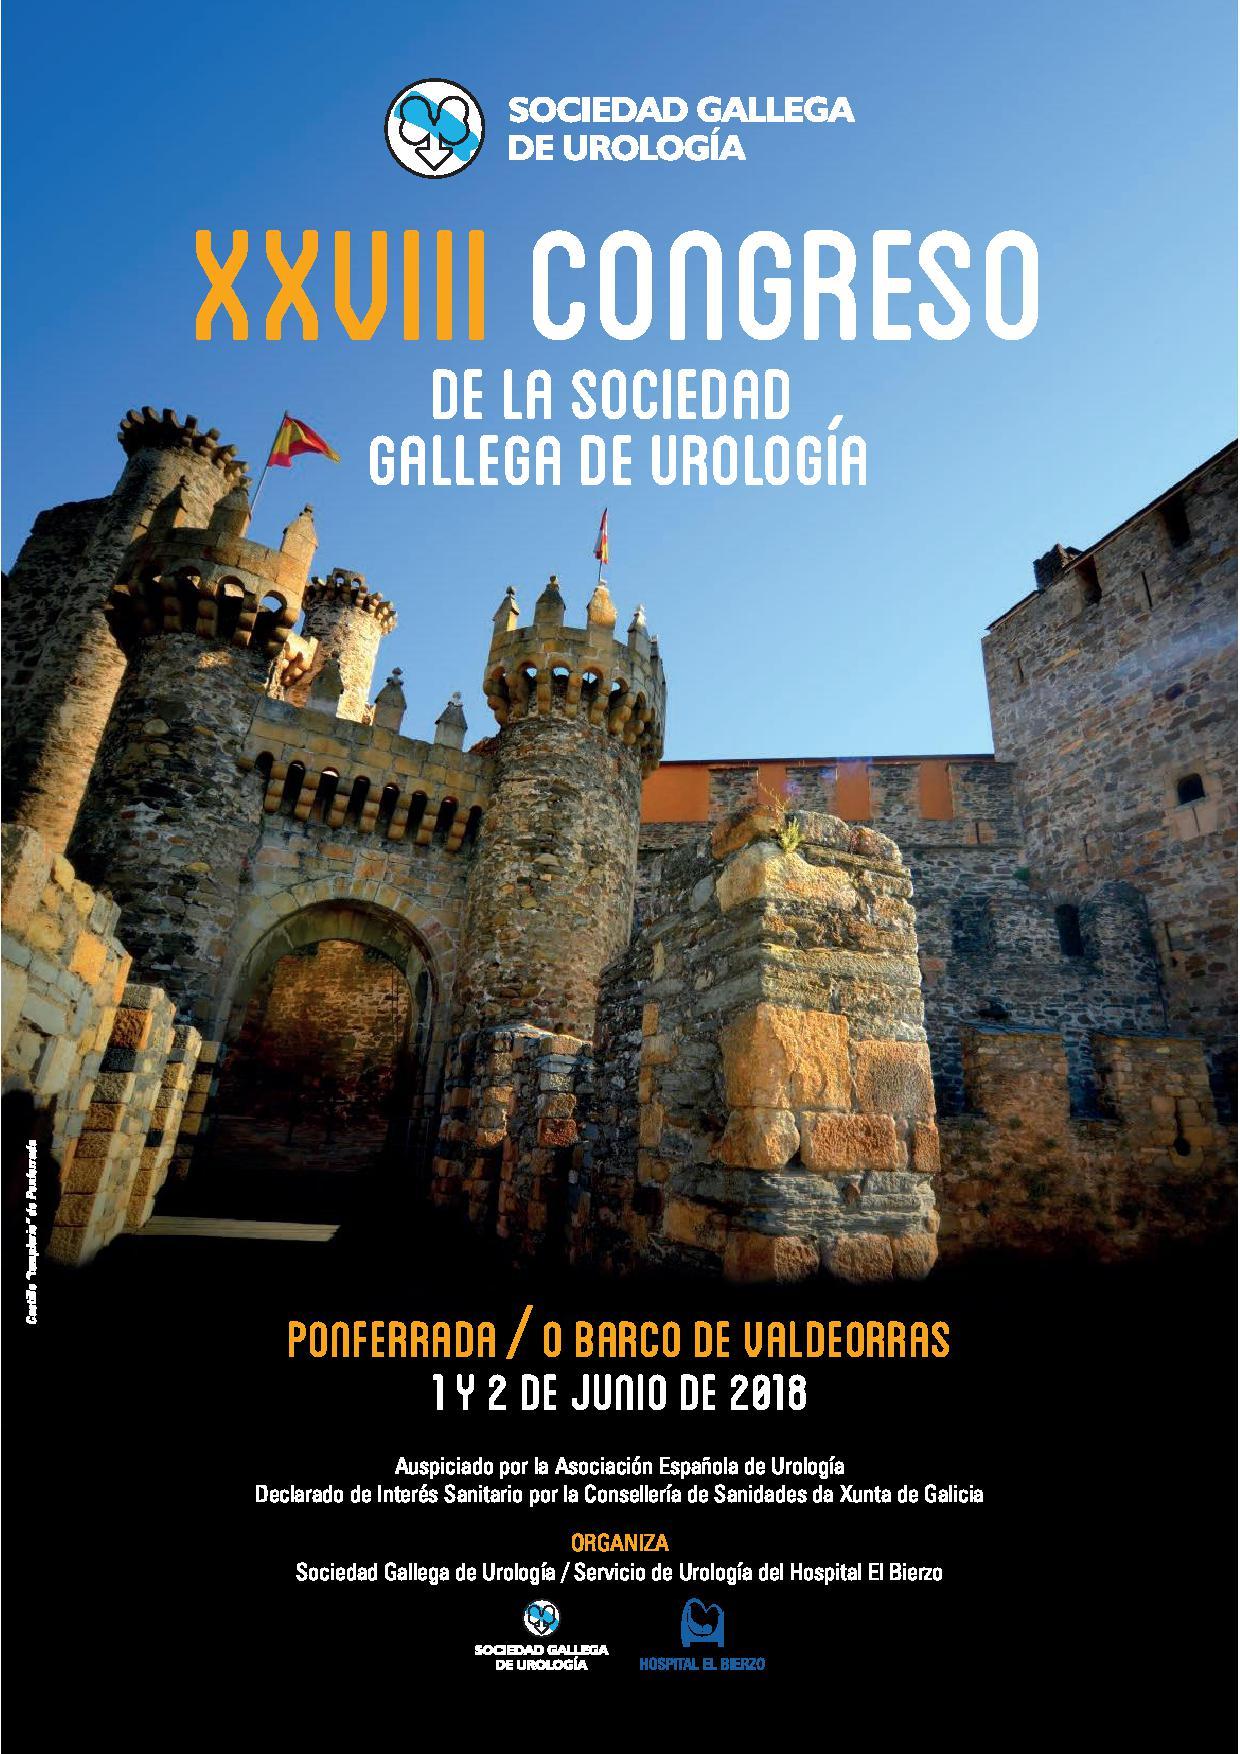 XXVIII Congreso de la Sociedad Gallega de Urología